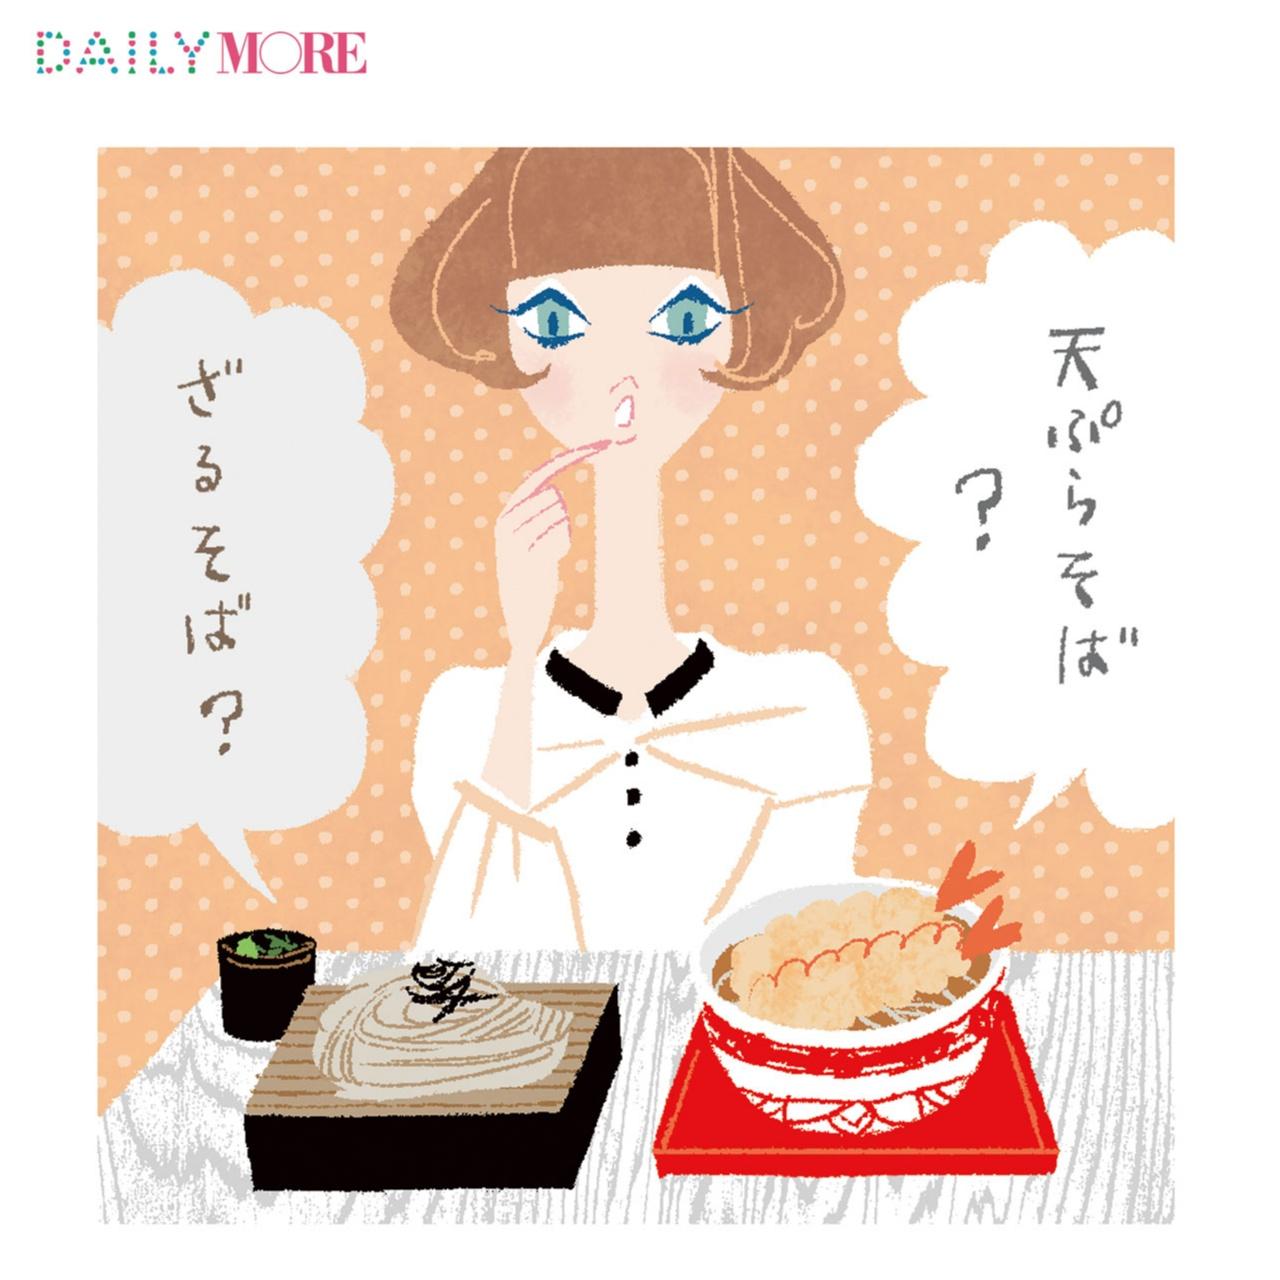 食事制限なしでできるダイエット特集 - エクササイズやマッサージで二の腕やウエストを細くするダイエット方法_56